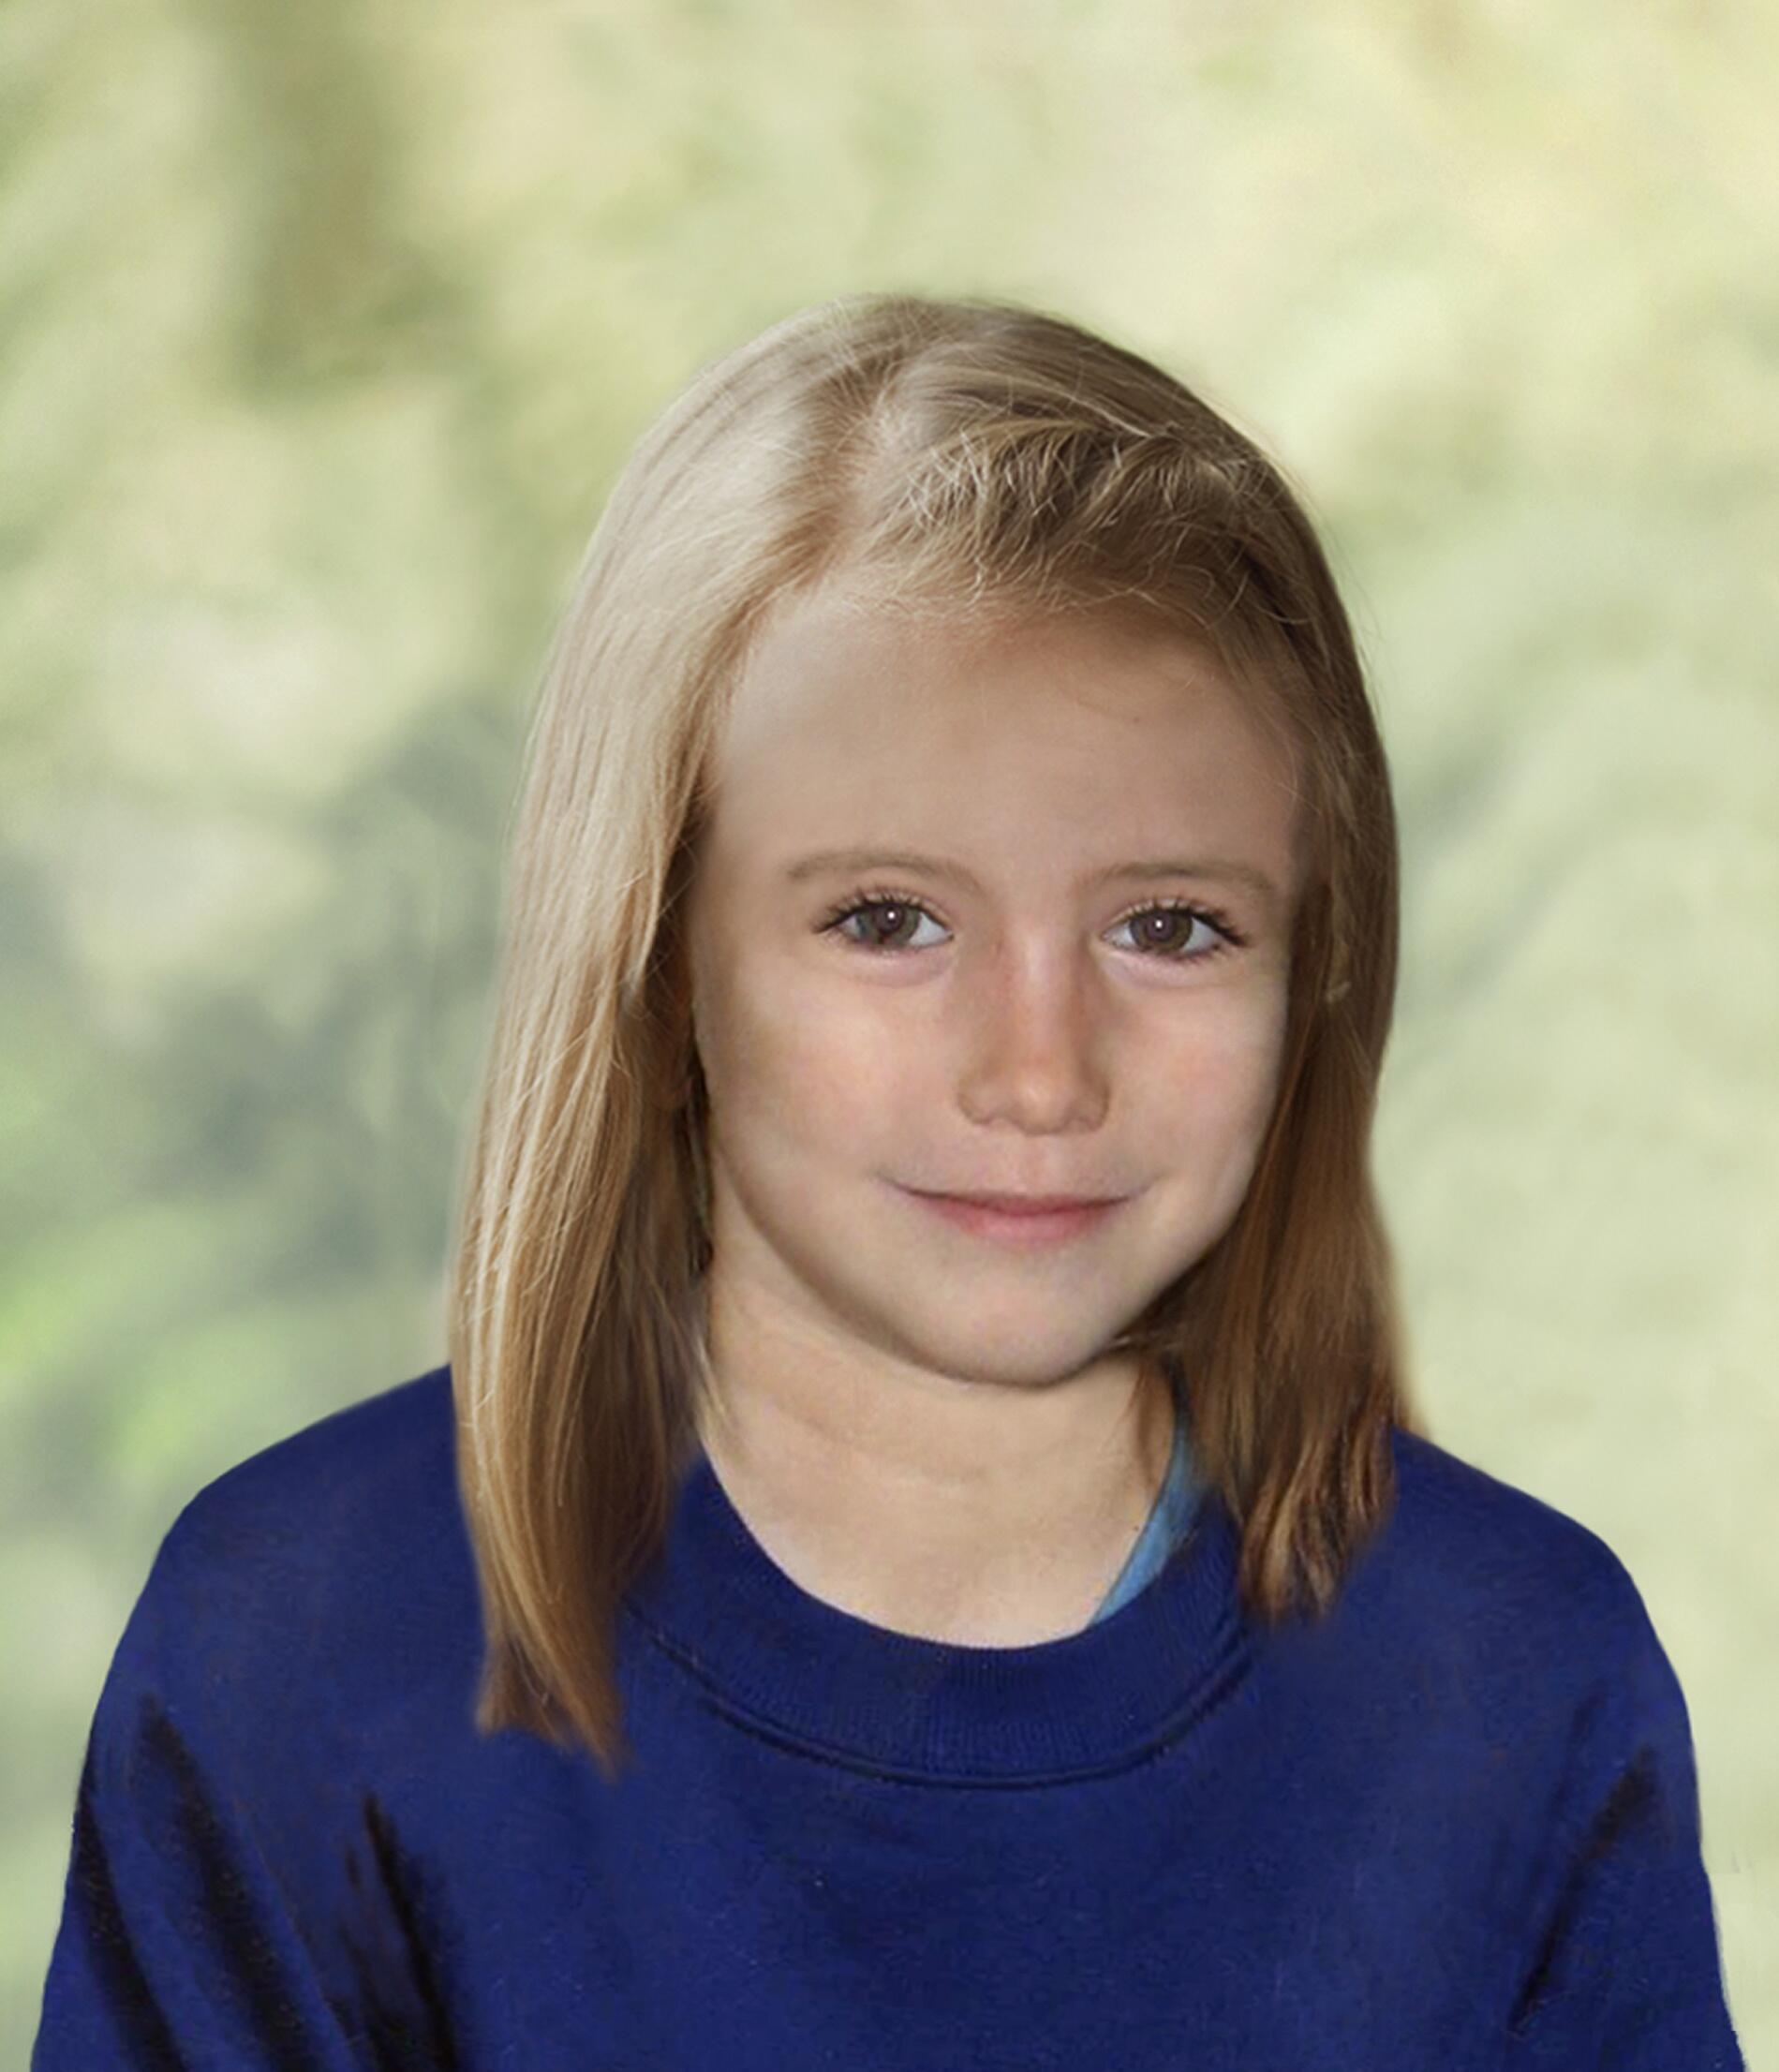 A garota Madeleine McCann, em imagem produzida por computador que imagina como seria sua aparência hoje em dia, às vésperas de completar nove anos.